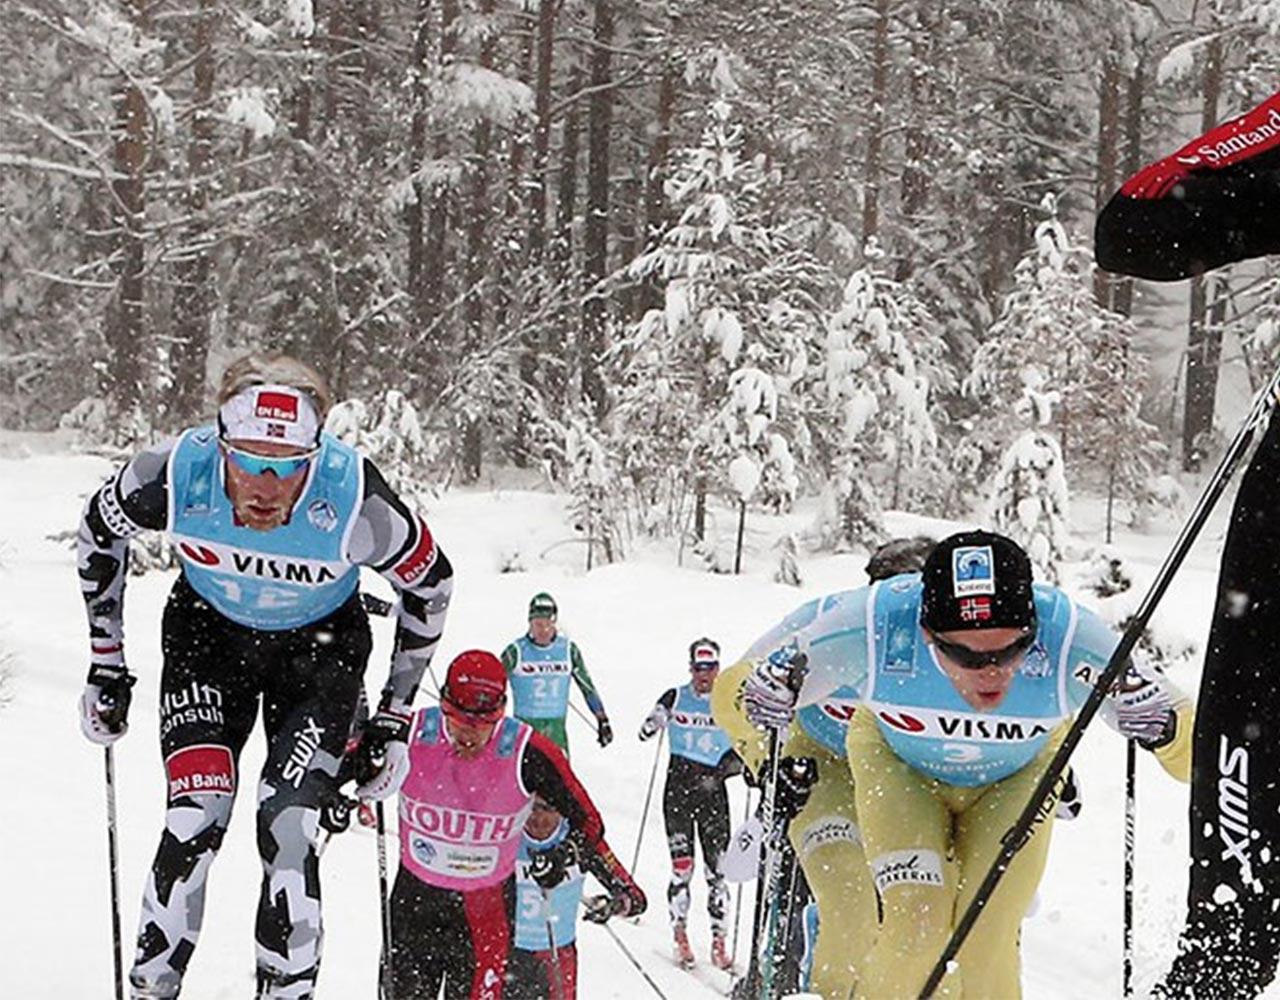 Cortina-dobbiaco, maxpulse, skirenn, ski, reise